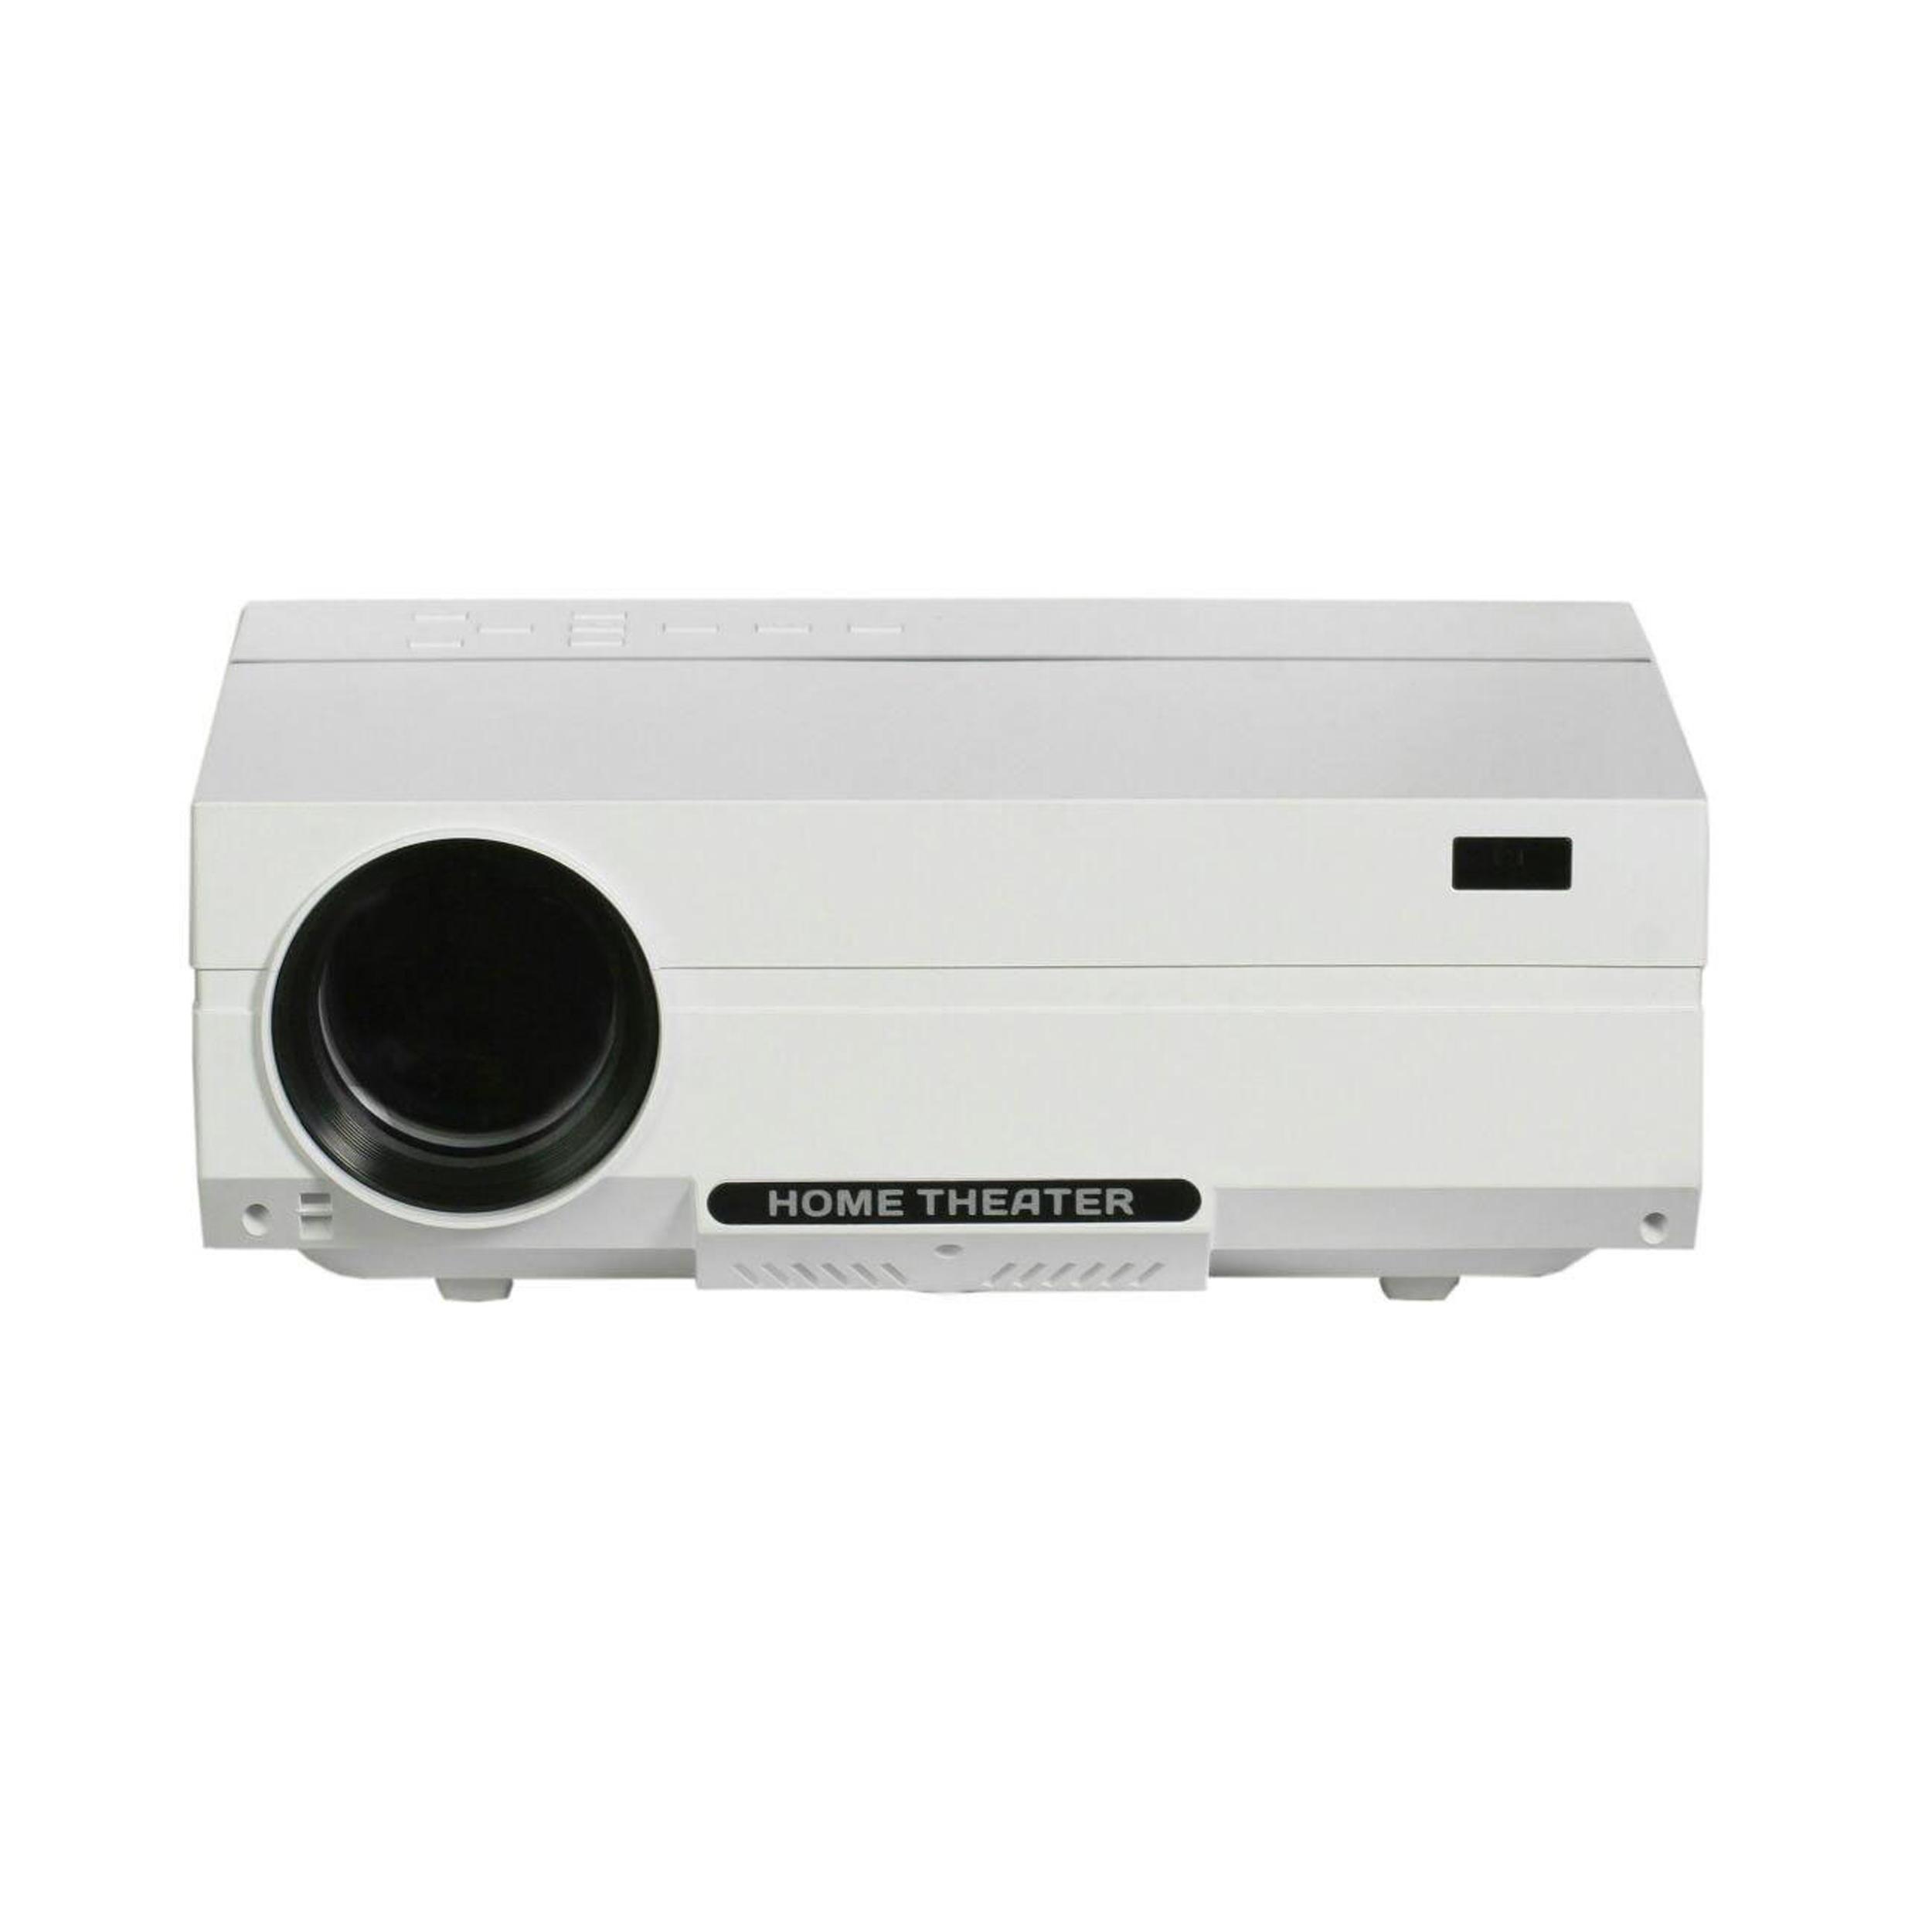 قیمت                      ویدئوپروژکتور قابل حمل مدل T22